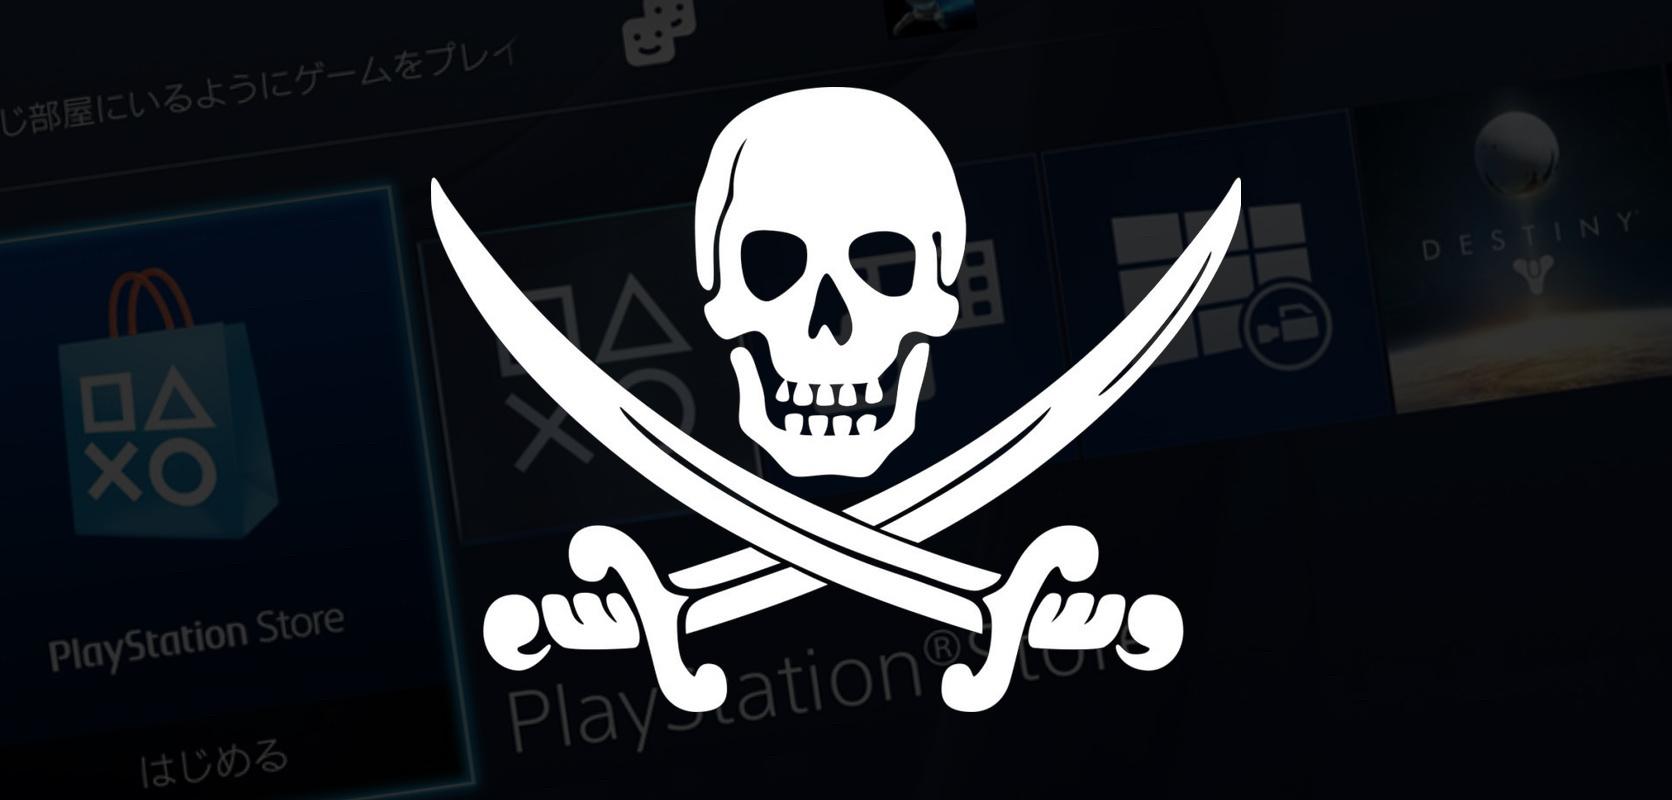 重大漏洞!奇怪信息可能會使你的PS4崩潰